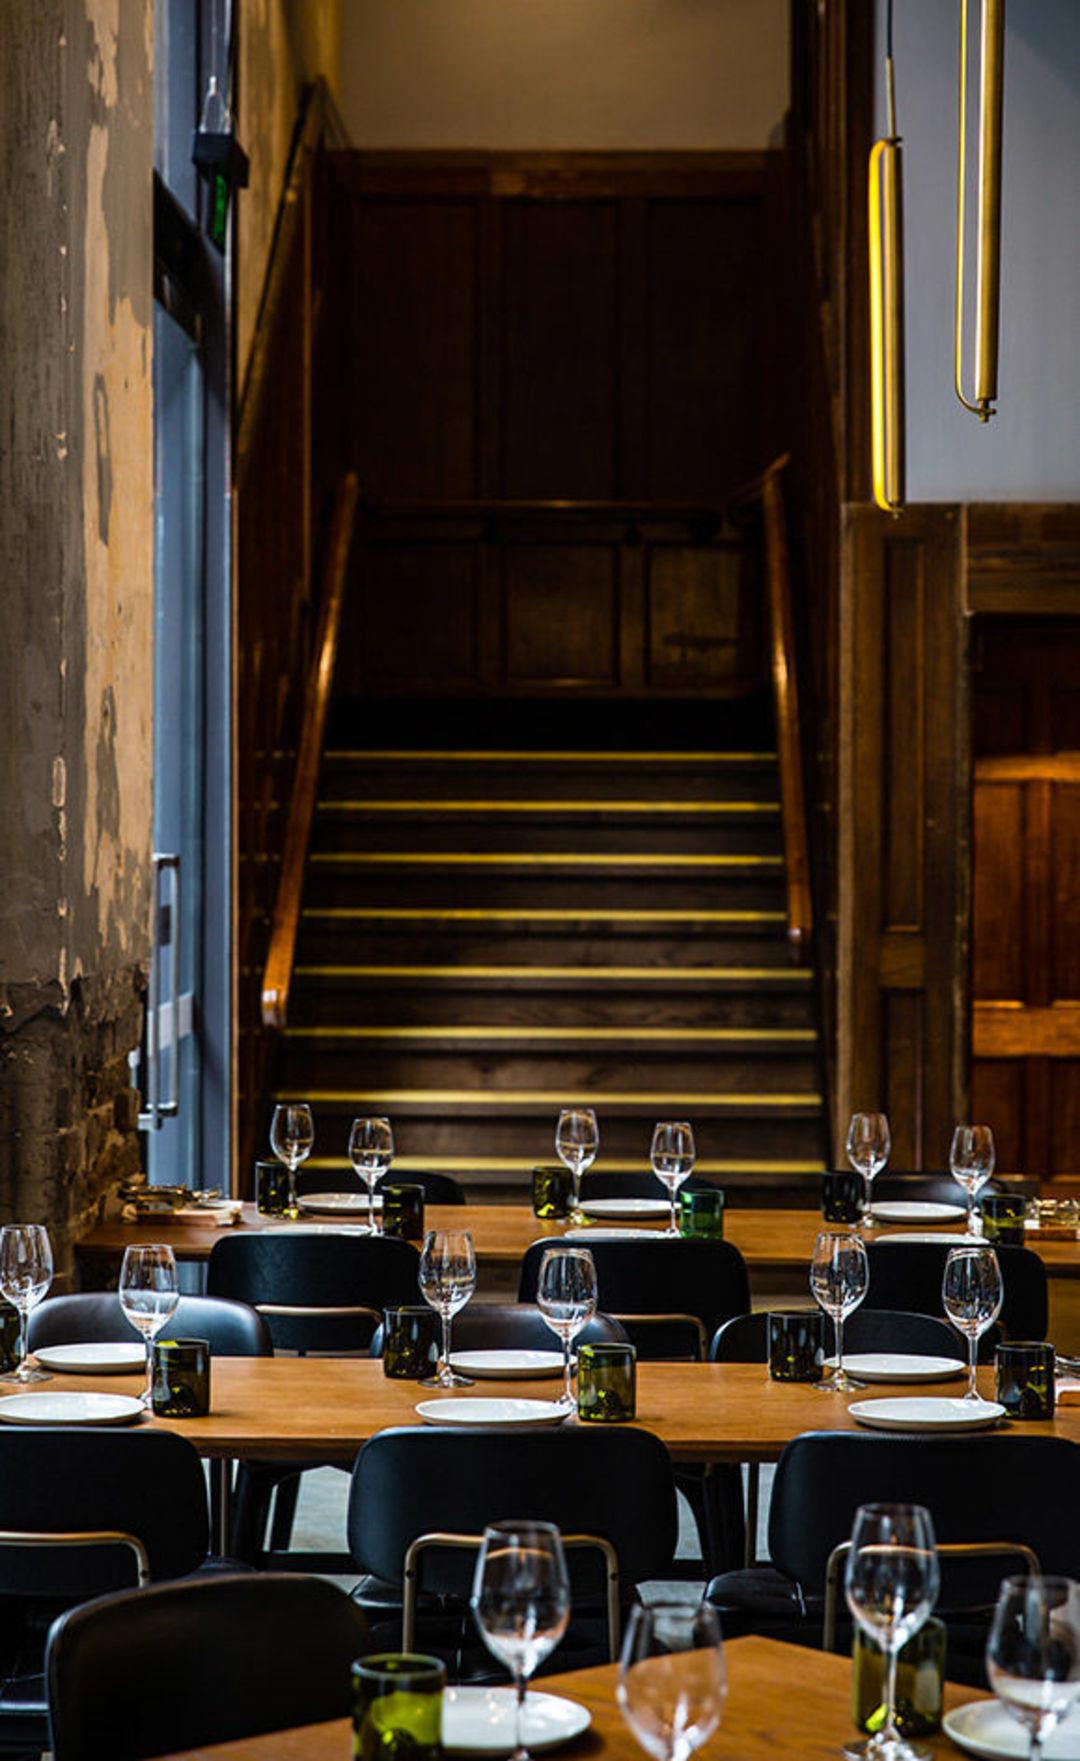 悉尼一座老啤酒厂,被改成了一个艺术酒店_设计_好奇心日报